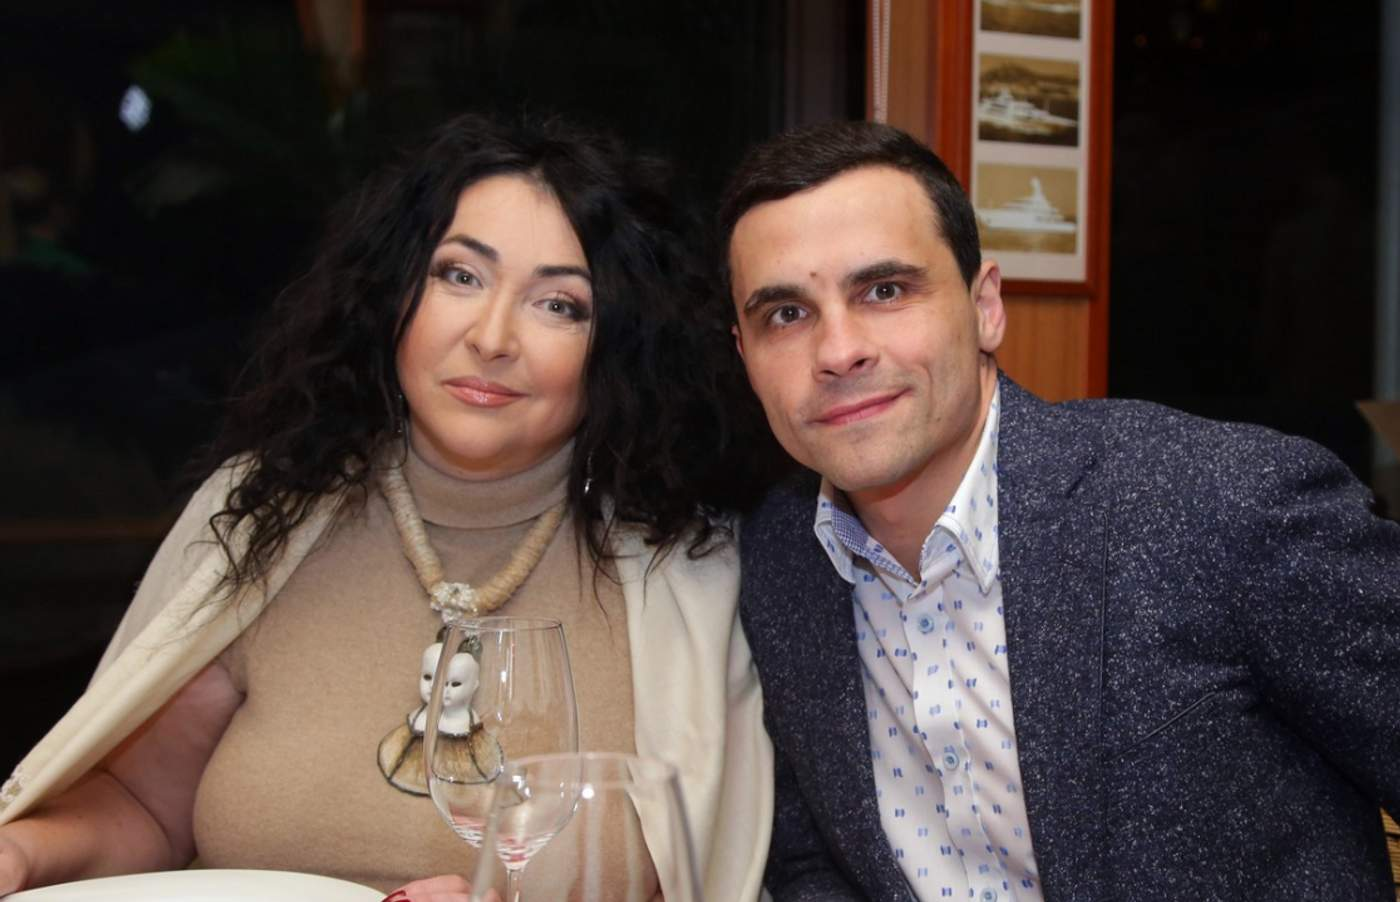 Лолита Милявская сошлась с мужчиной моложе себя